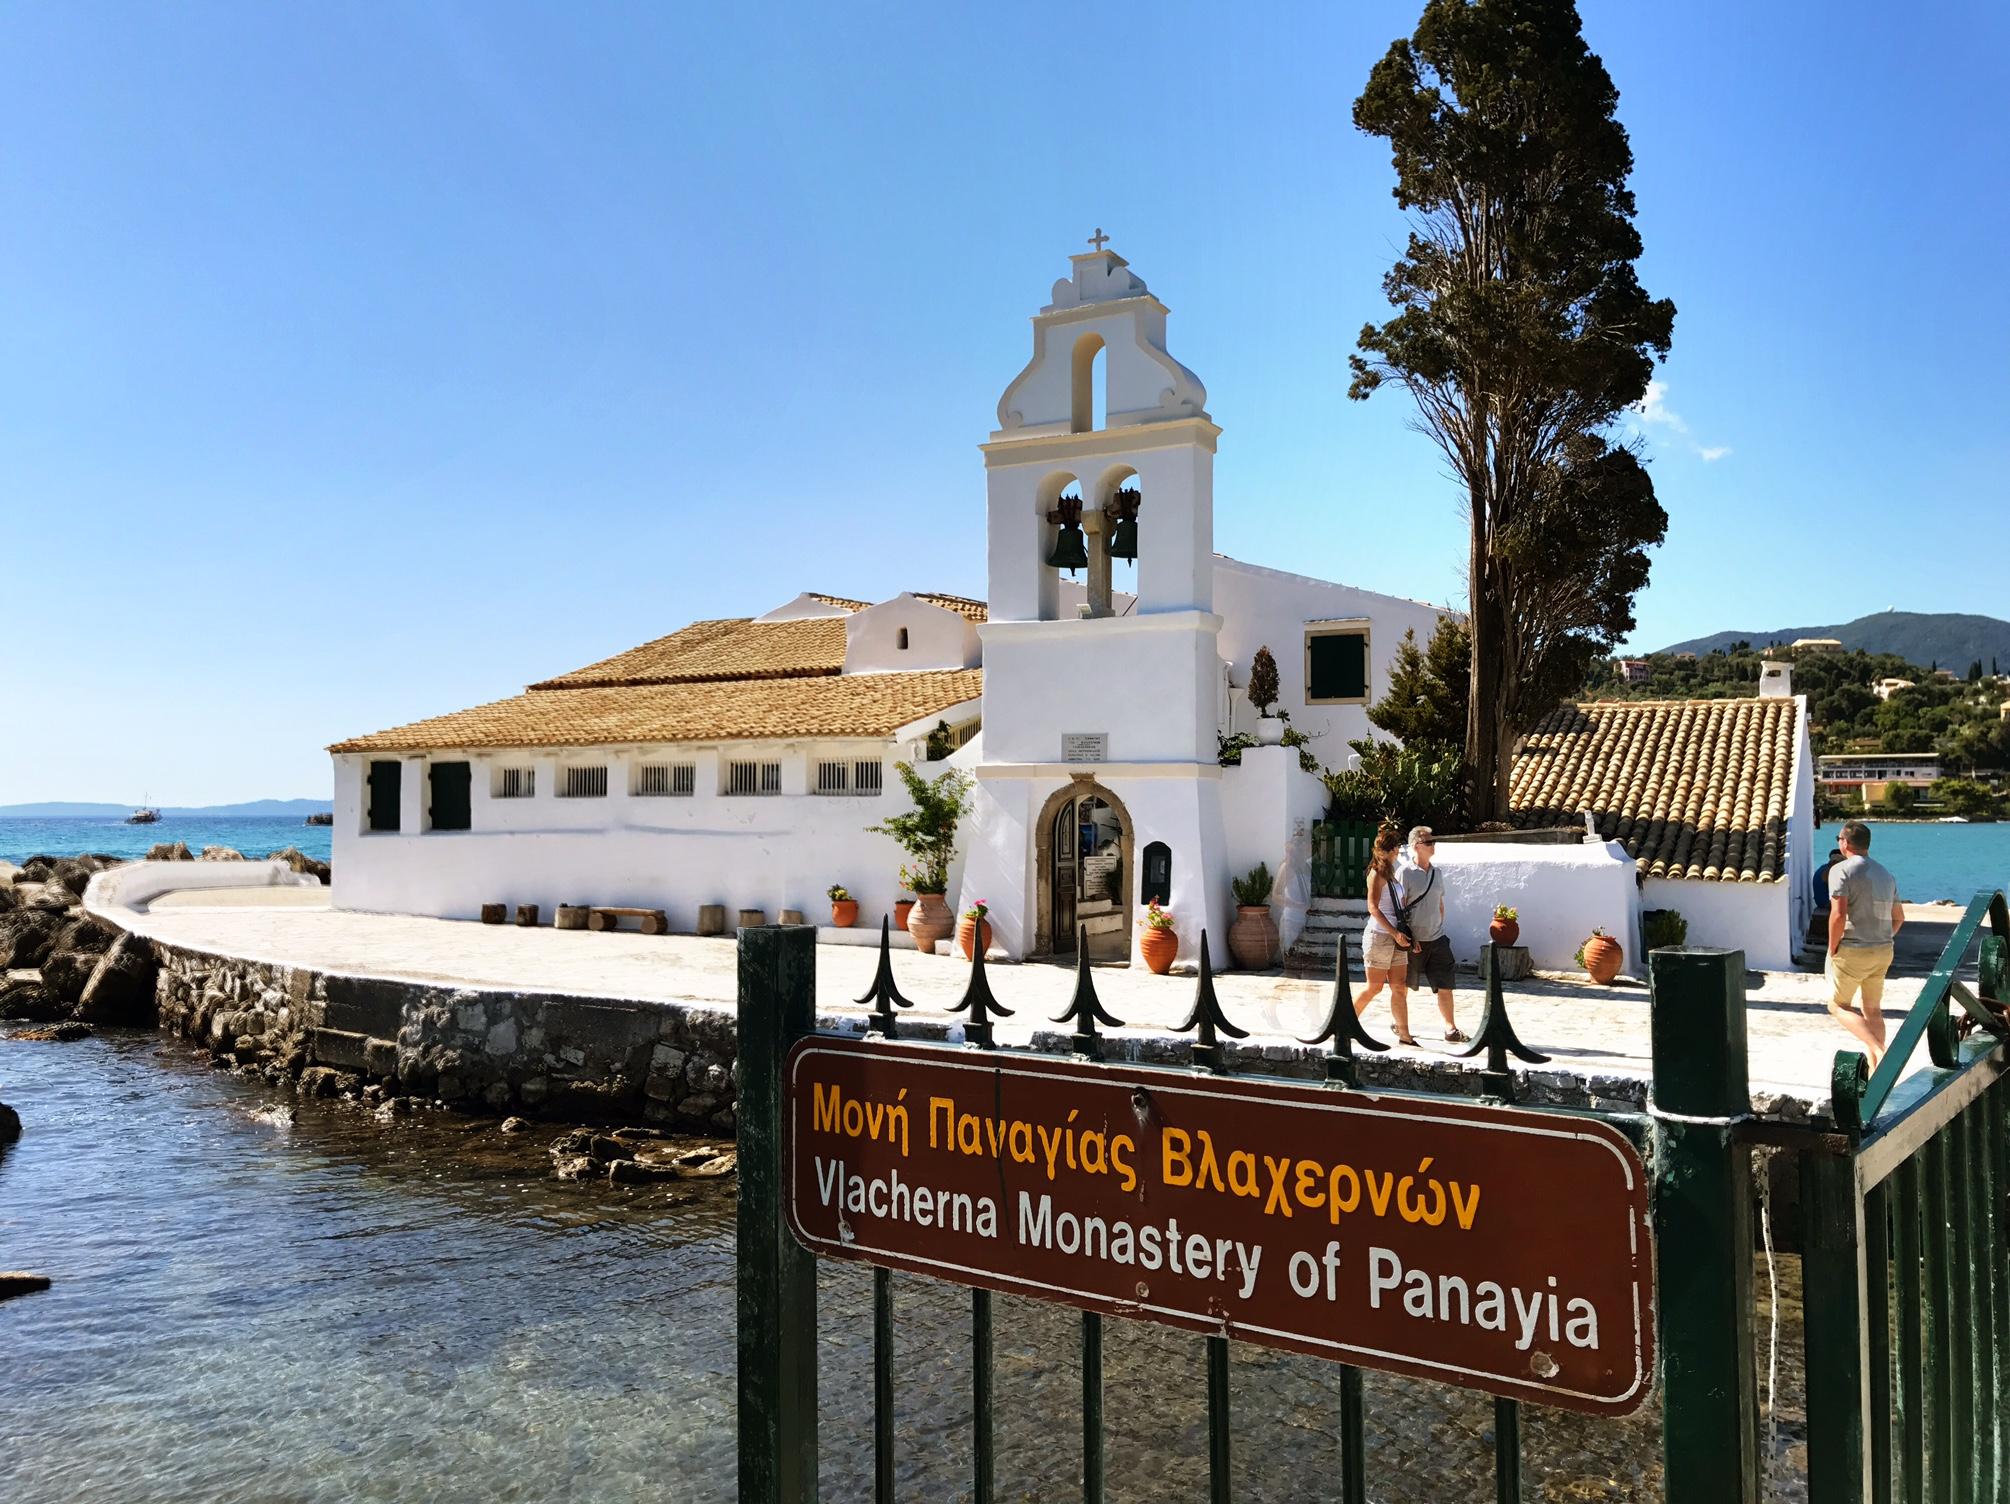 Blick auf das Kloster Vlacherna Monastery, Korfu, Griechenland